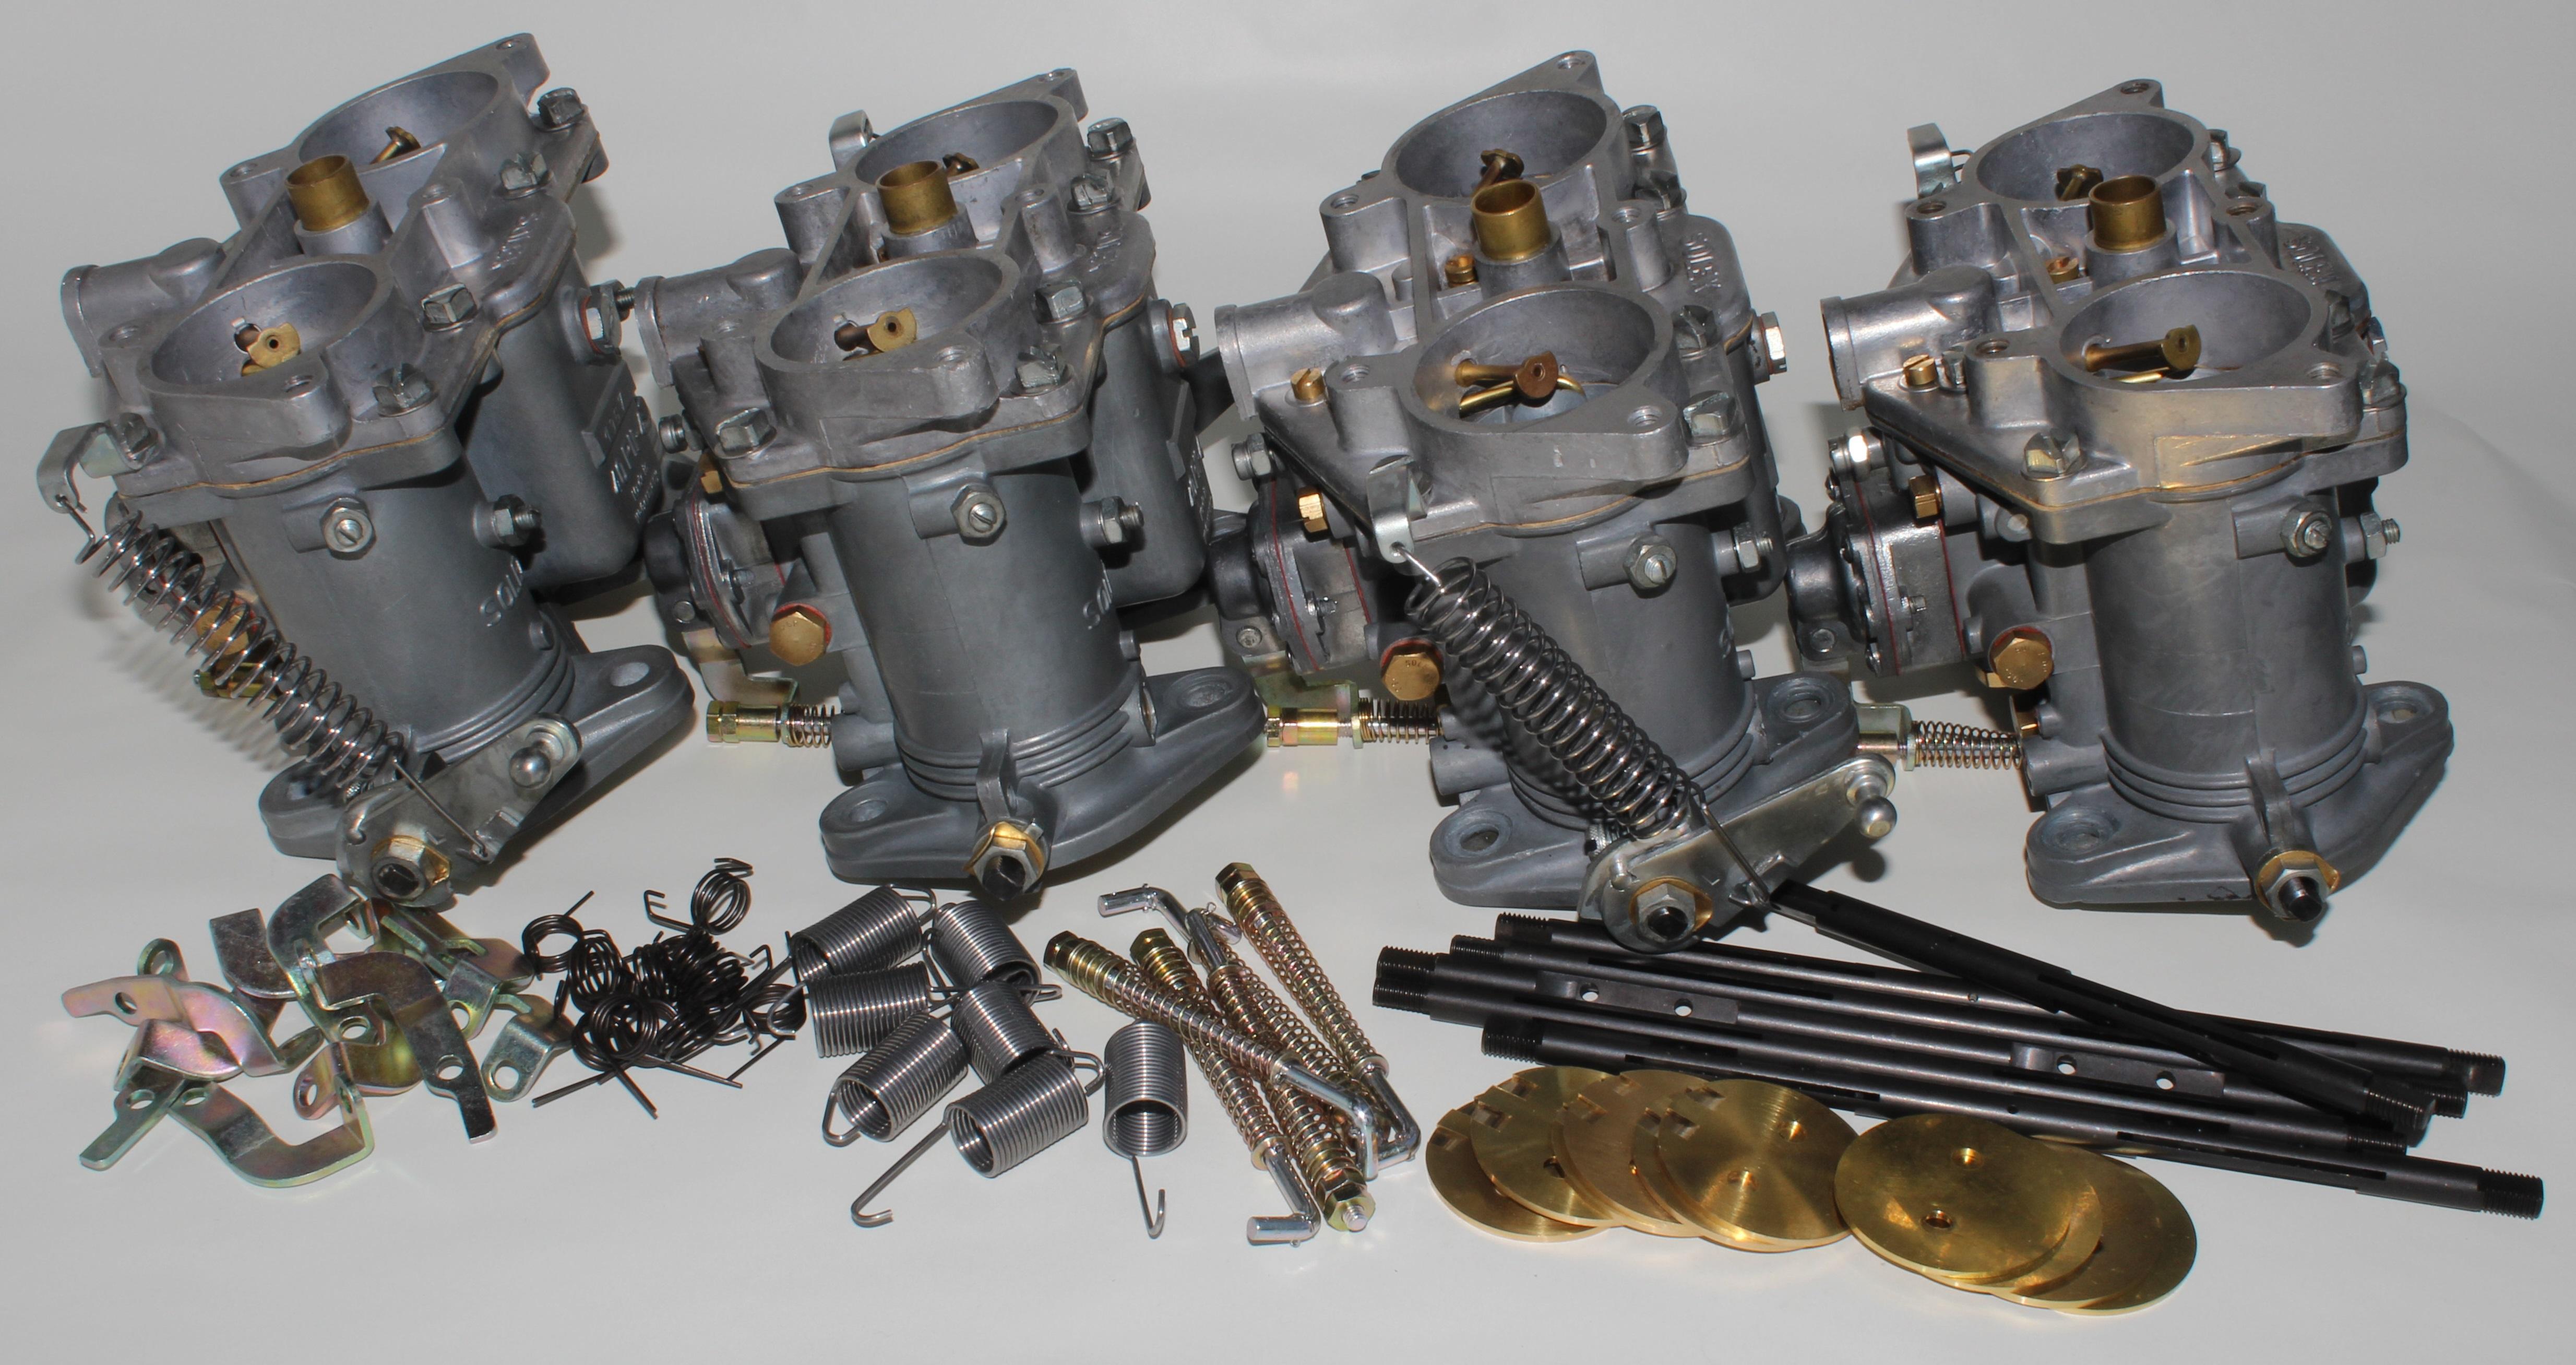 Solex Pii Porsche on Carburetor Function